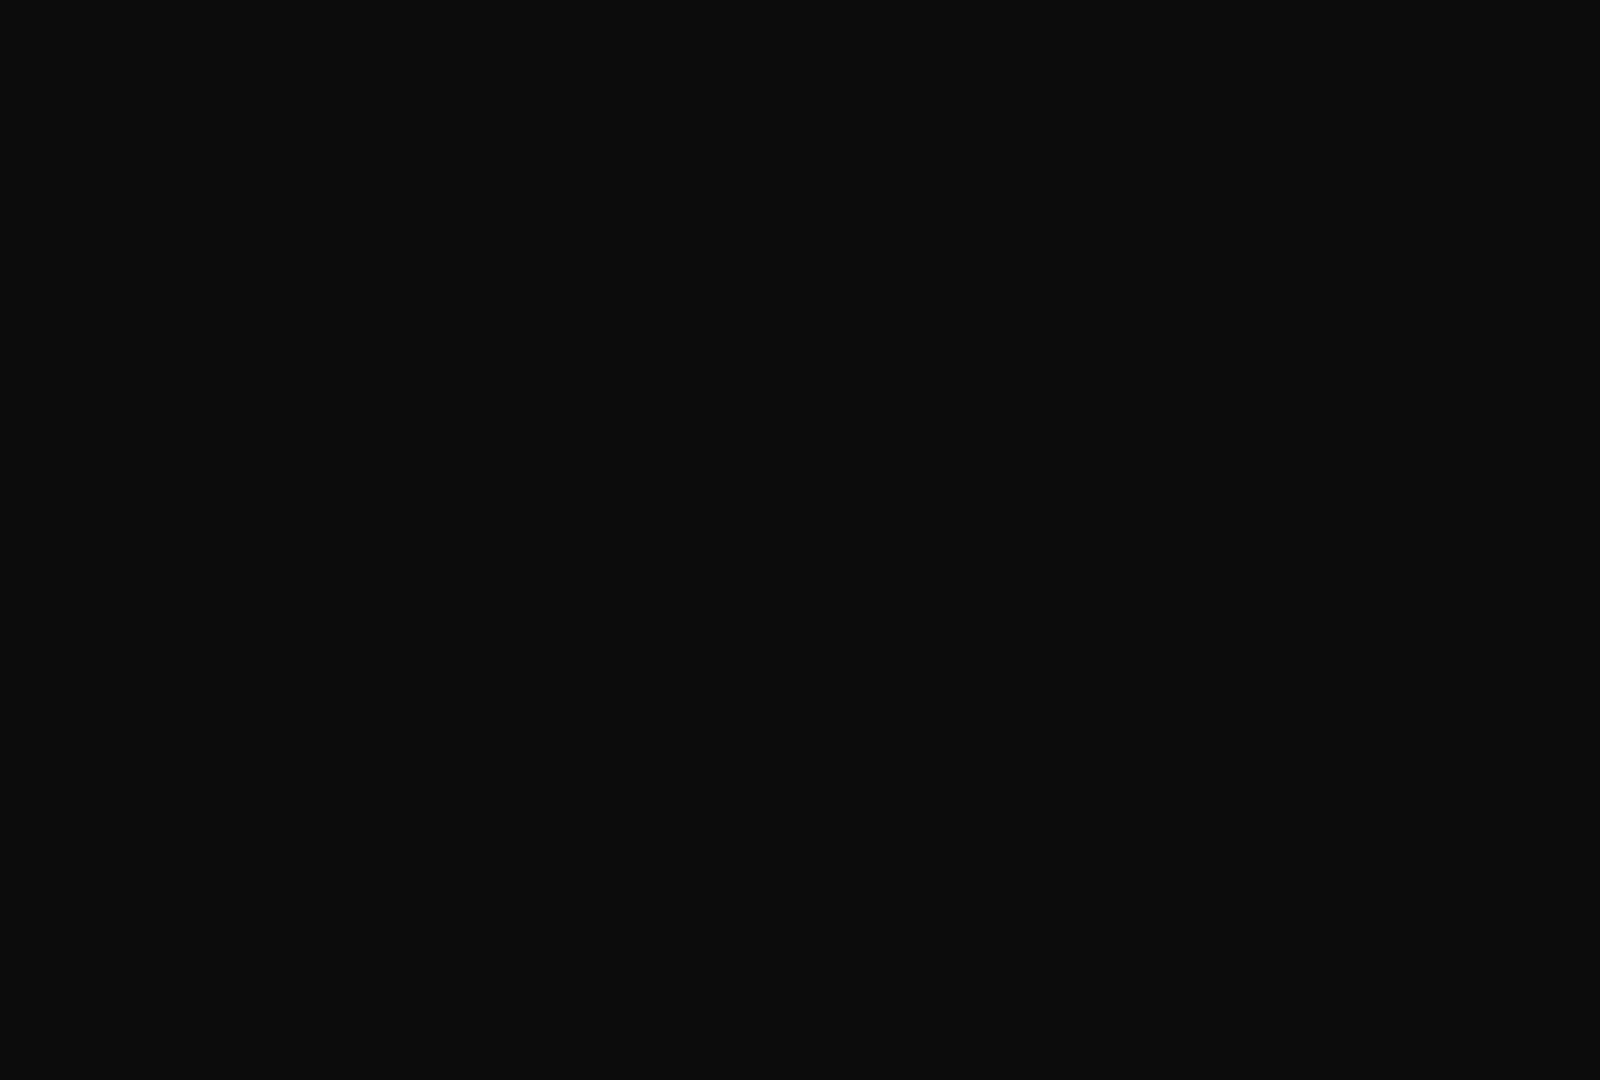 充血監督の深夜の運動会Vol.91 素人ギャル女  88連発 42